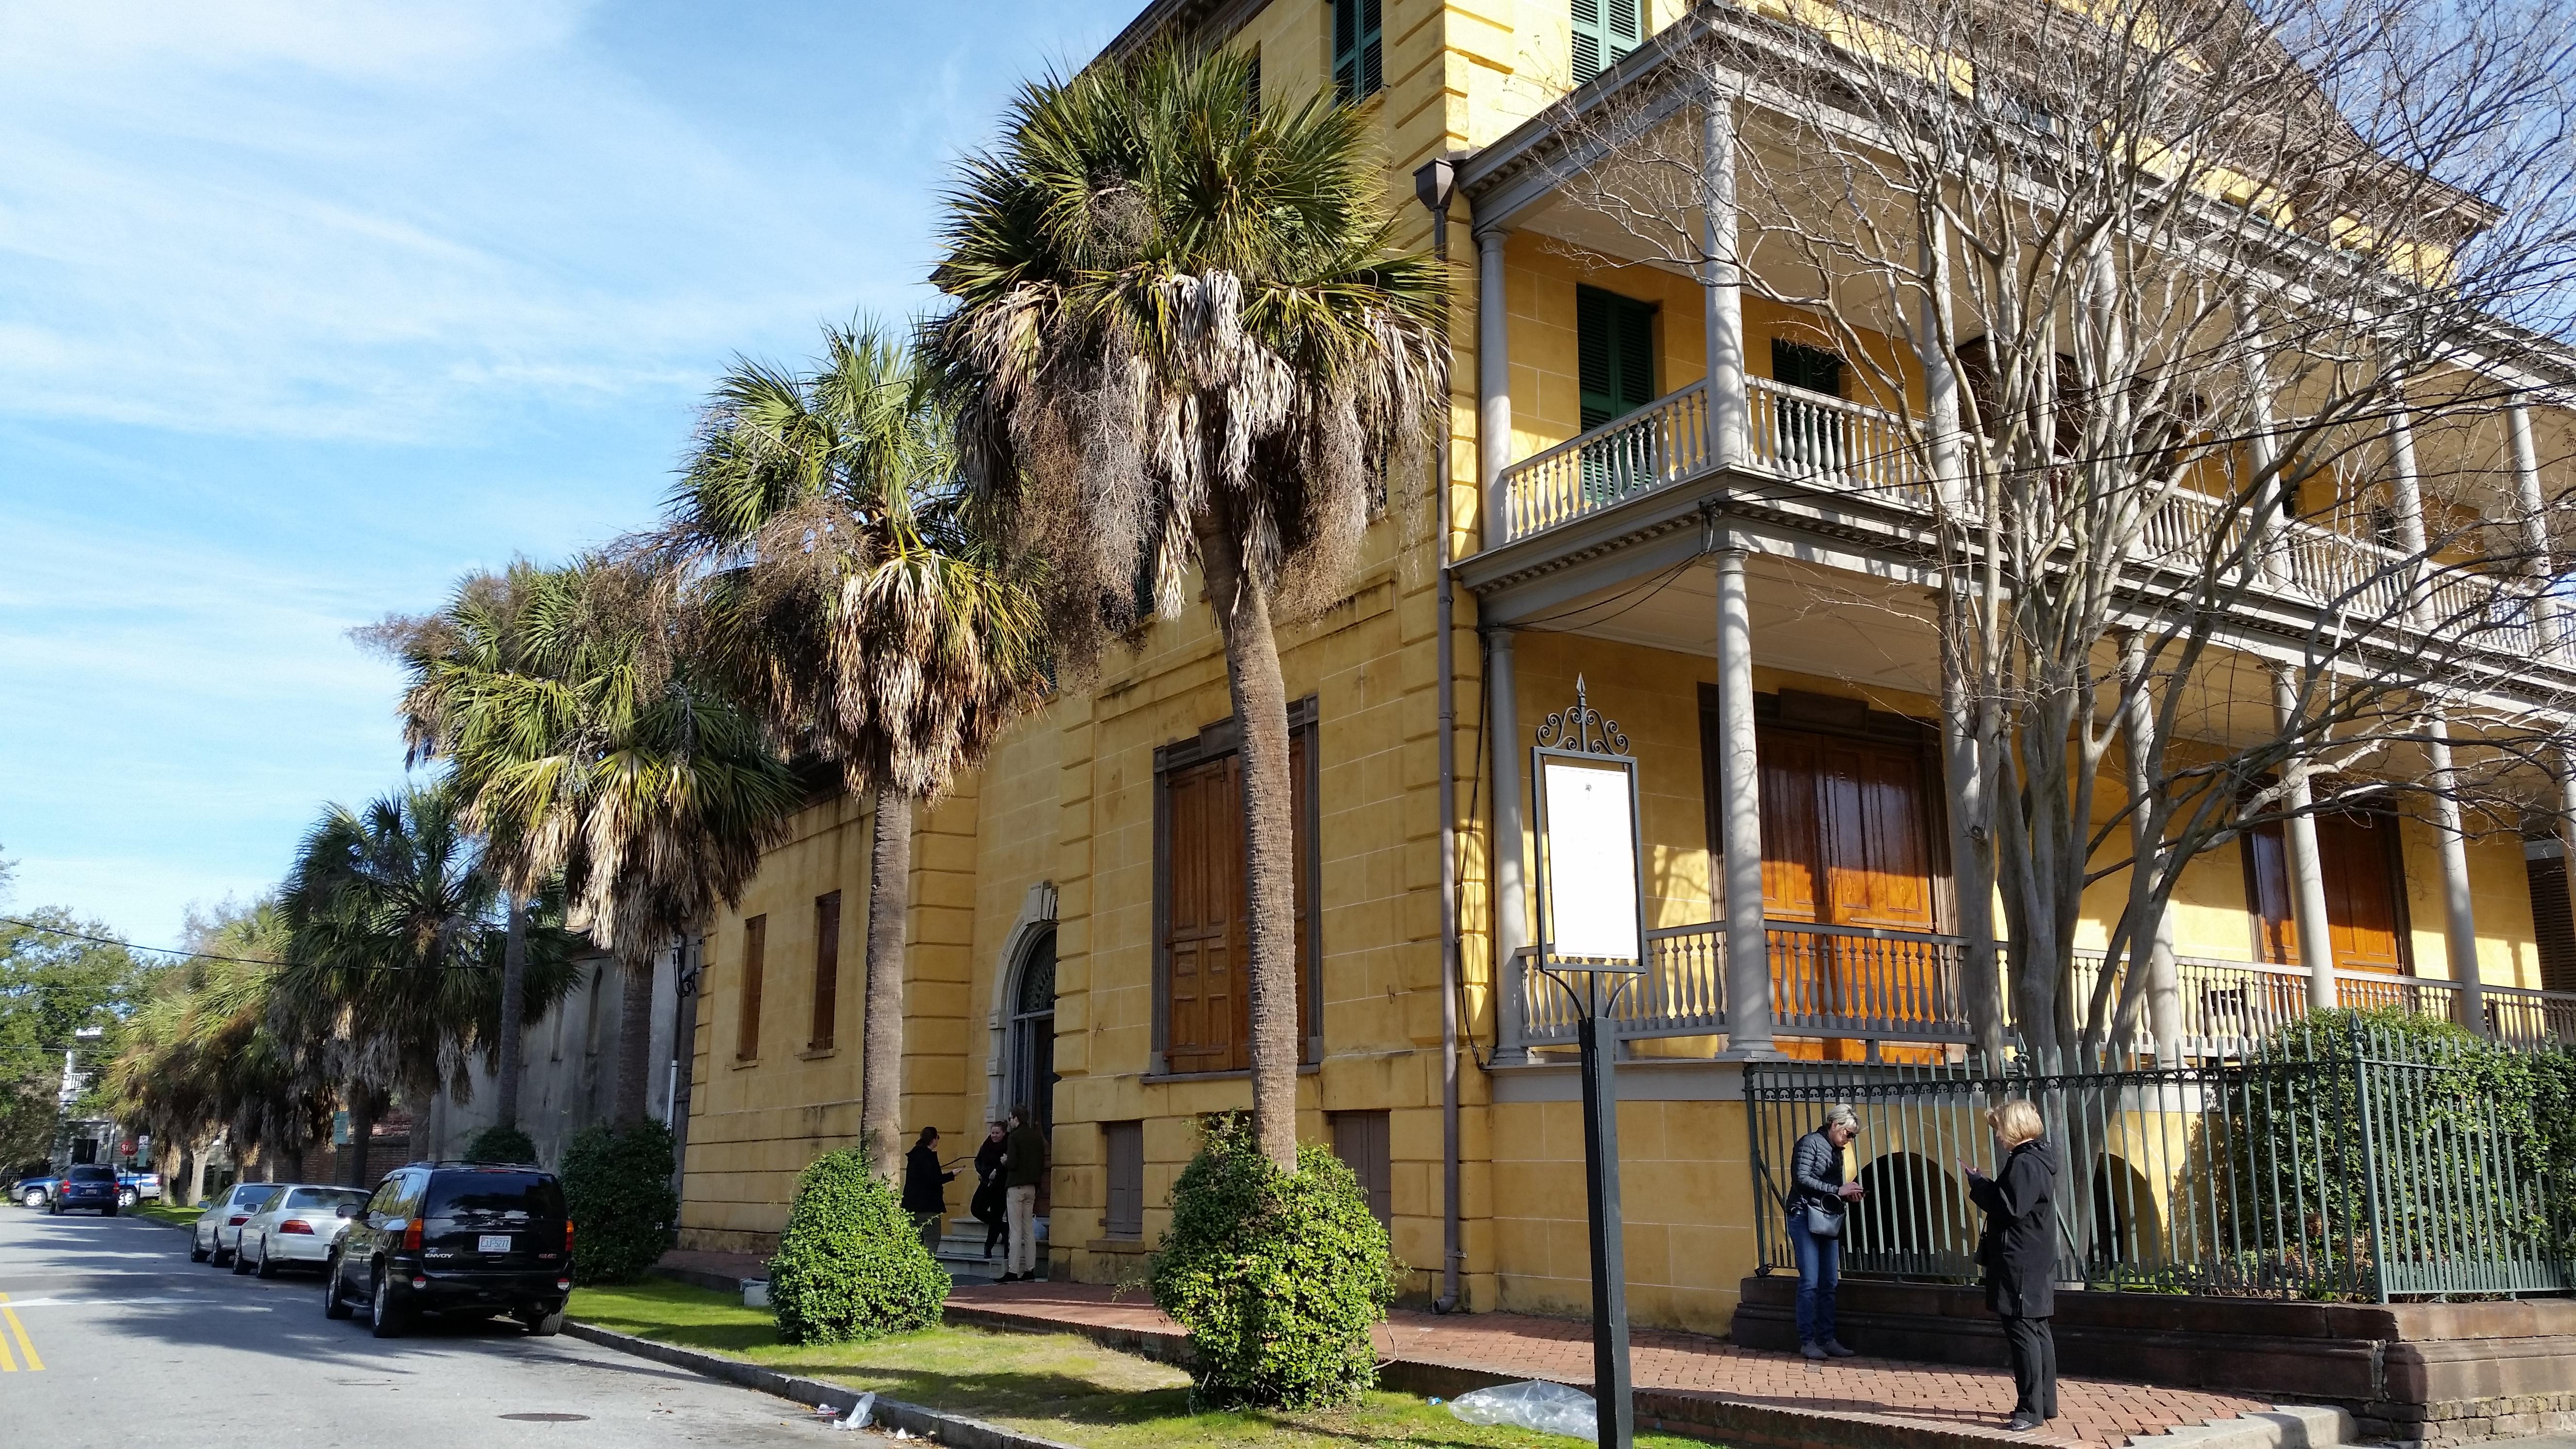 Aiken-Rhett house downtown